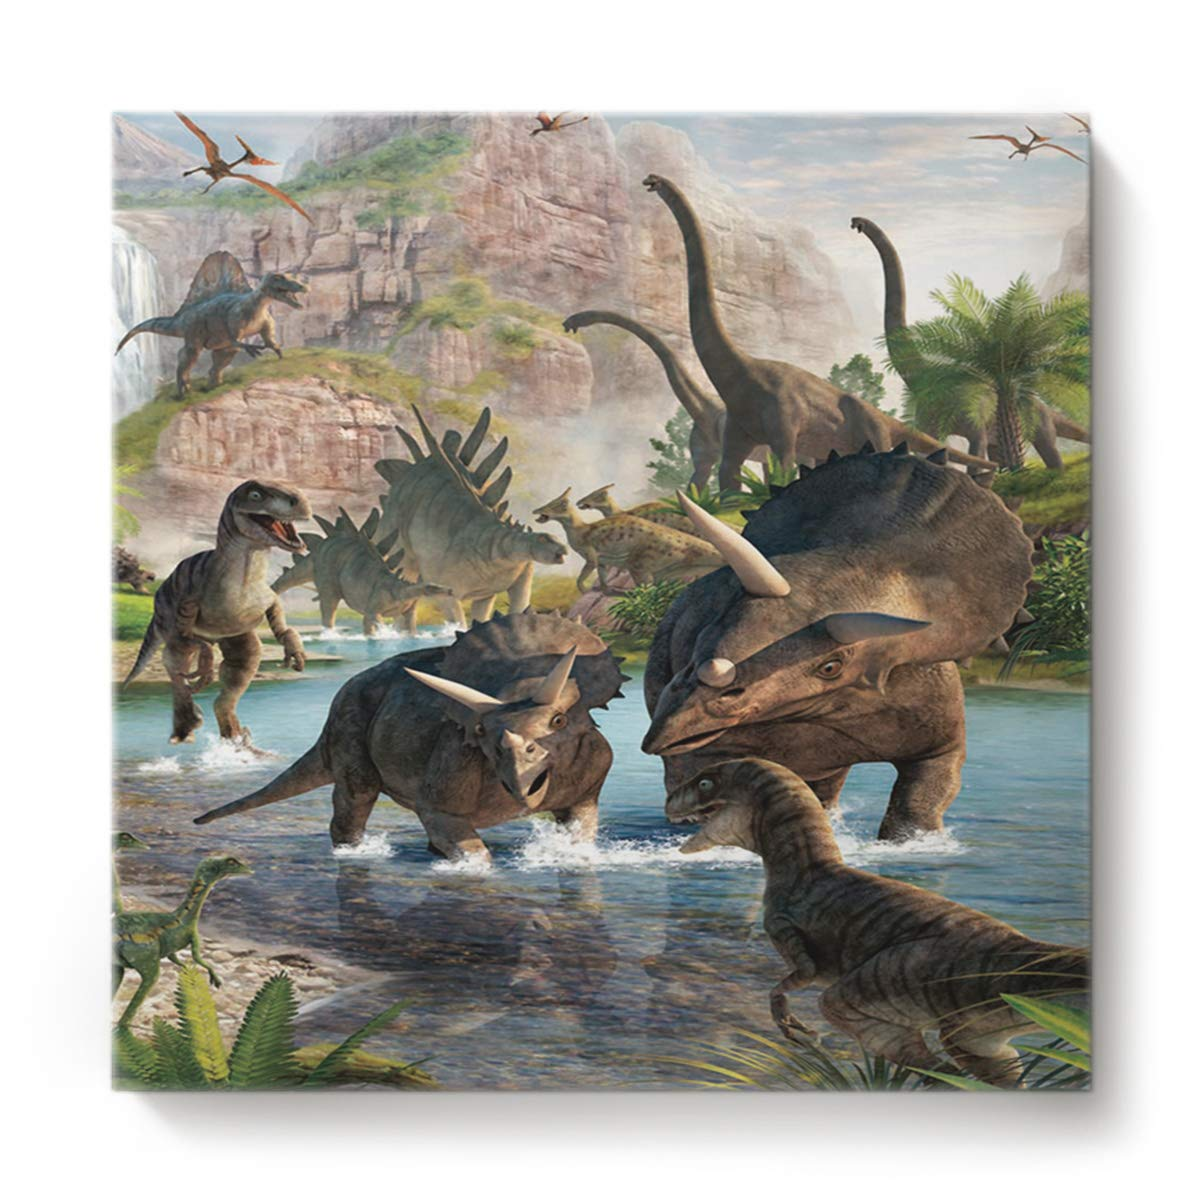 最新入荷 正方形キャンバスウォールアート 油絵 12 寝室 リビングルーム ホーム装飾 ホーム装飾 クールな3D恐竜 動物パターン 28 オフィスアートワーク 木製フレームで枠張り済み すぐに掛けられる 28 x 28 Inch 201810220NAAYAGYAGGSLEO00227NAAEYAG B07M8YBKJP 12 x 12 Inch|Dinosaur6yag1287 Dinosaur6yag1287 12 x 12 Inch, ミカミオンラインショップ:6f3ee69e --- itourtk.ru